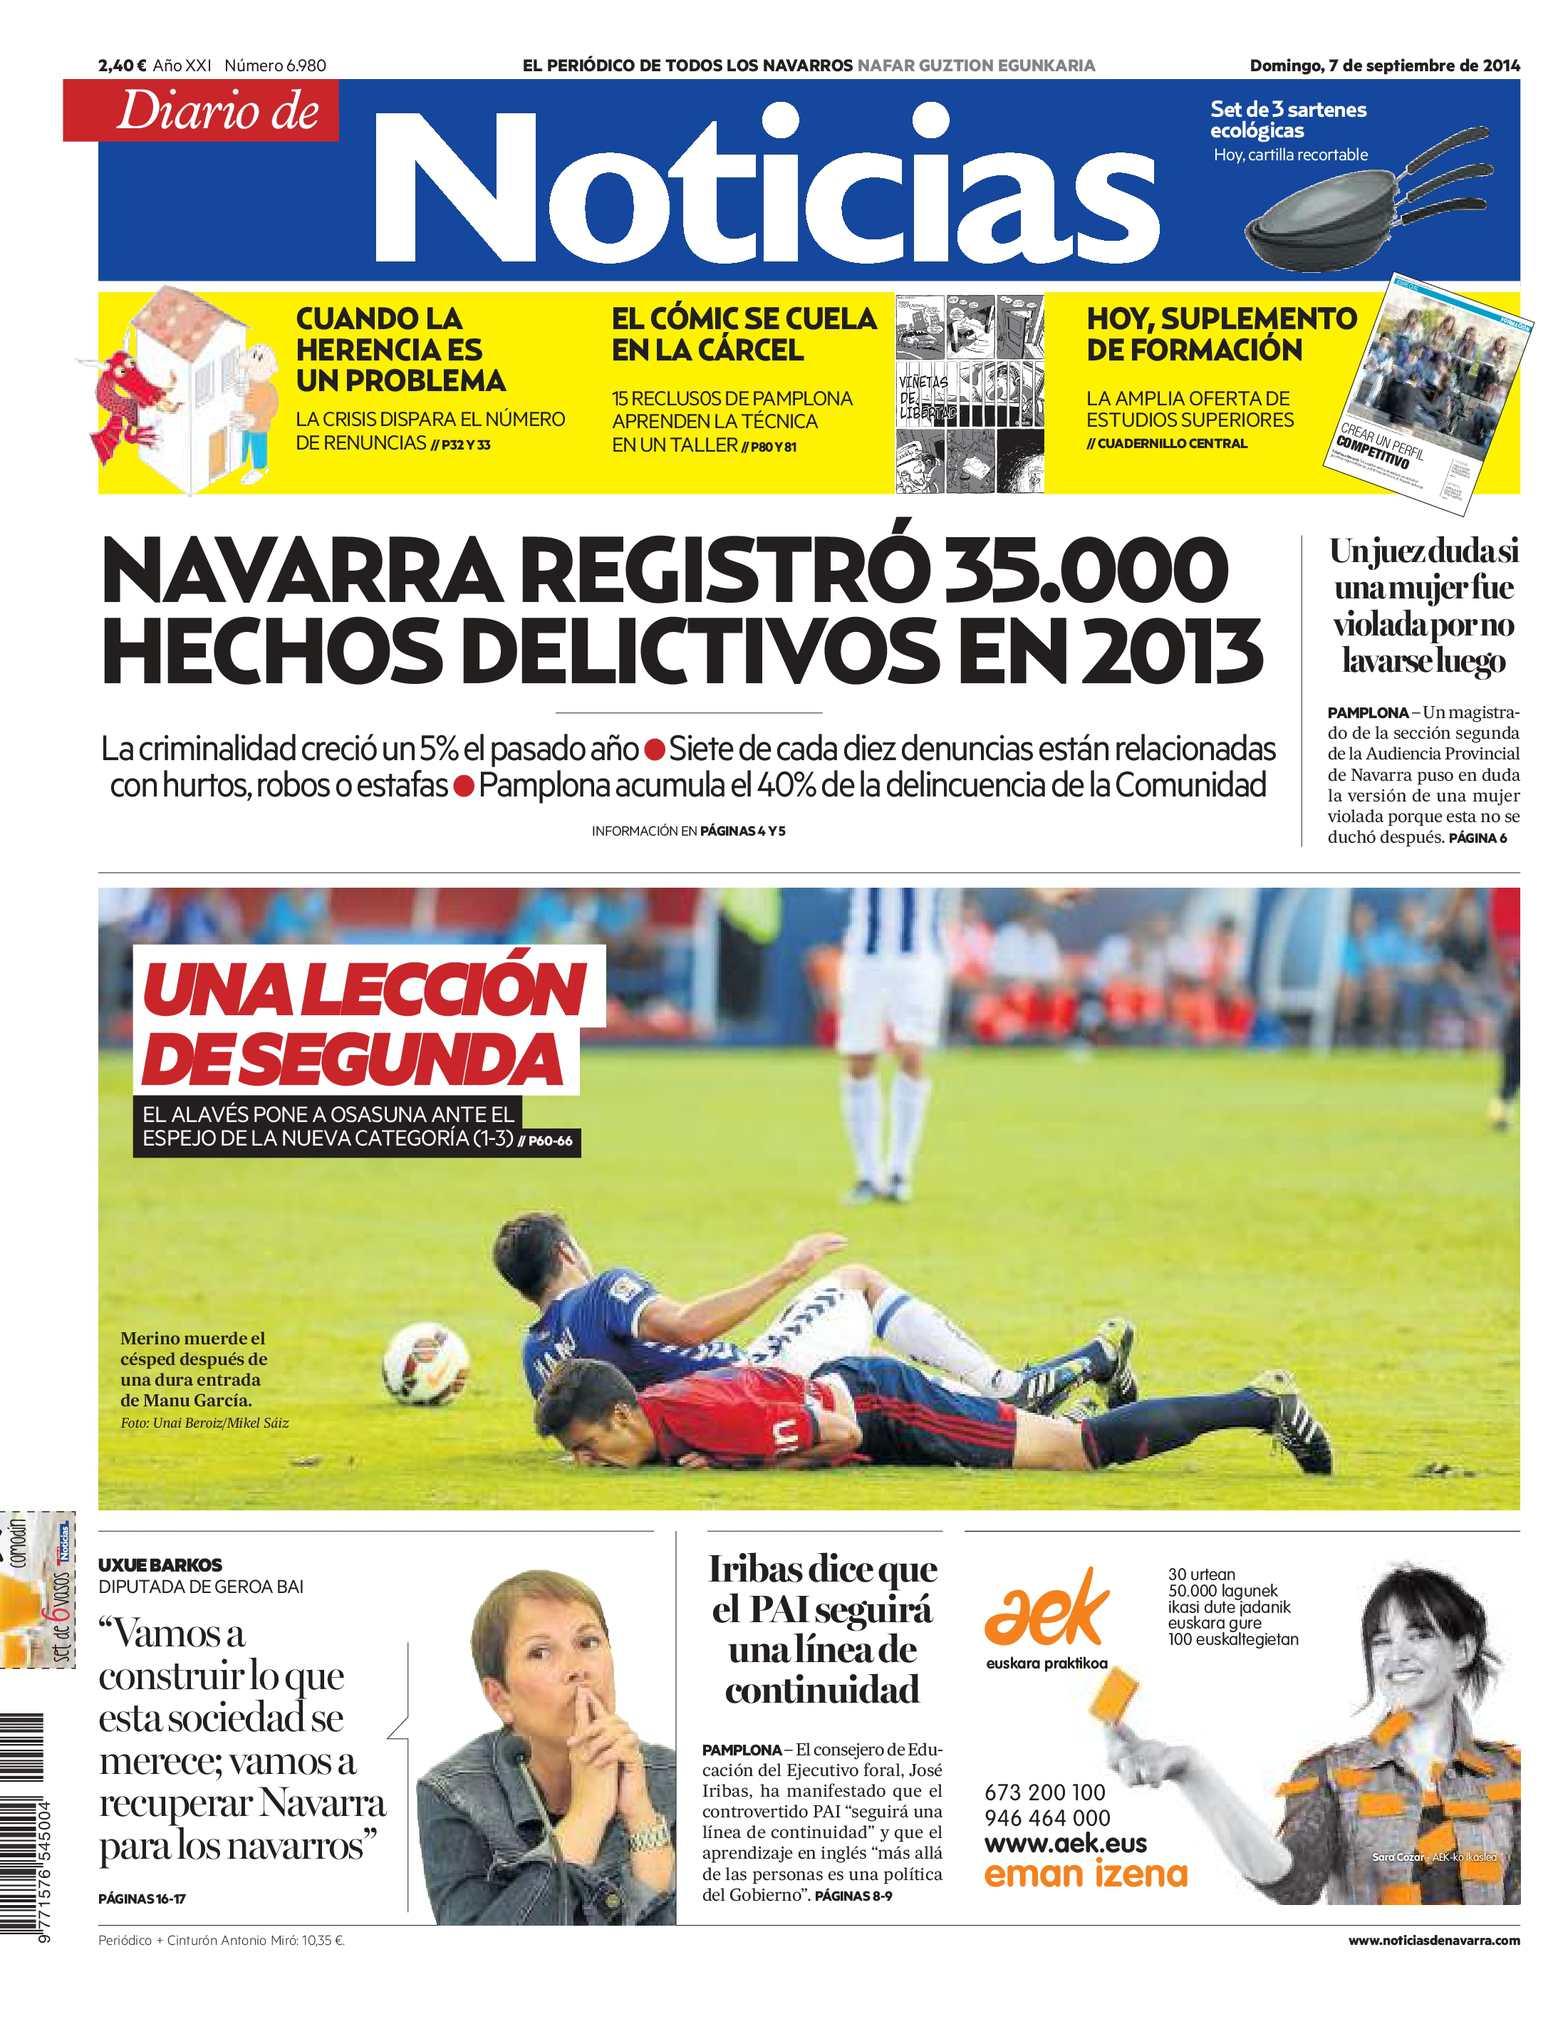 Calaméo - Diario de Noticias 20140907 e3662b63f042